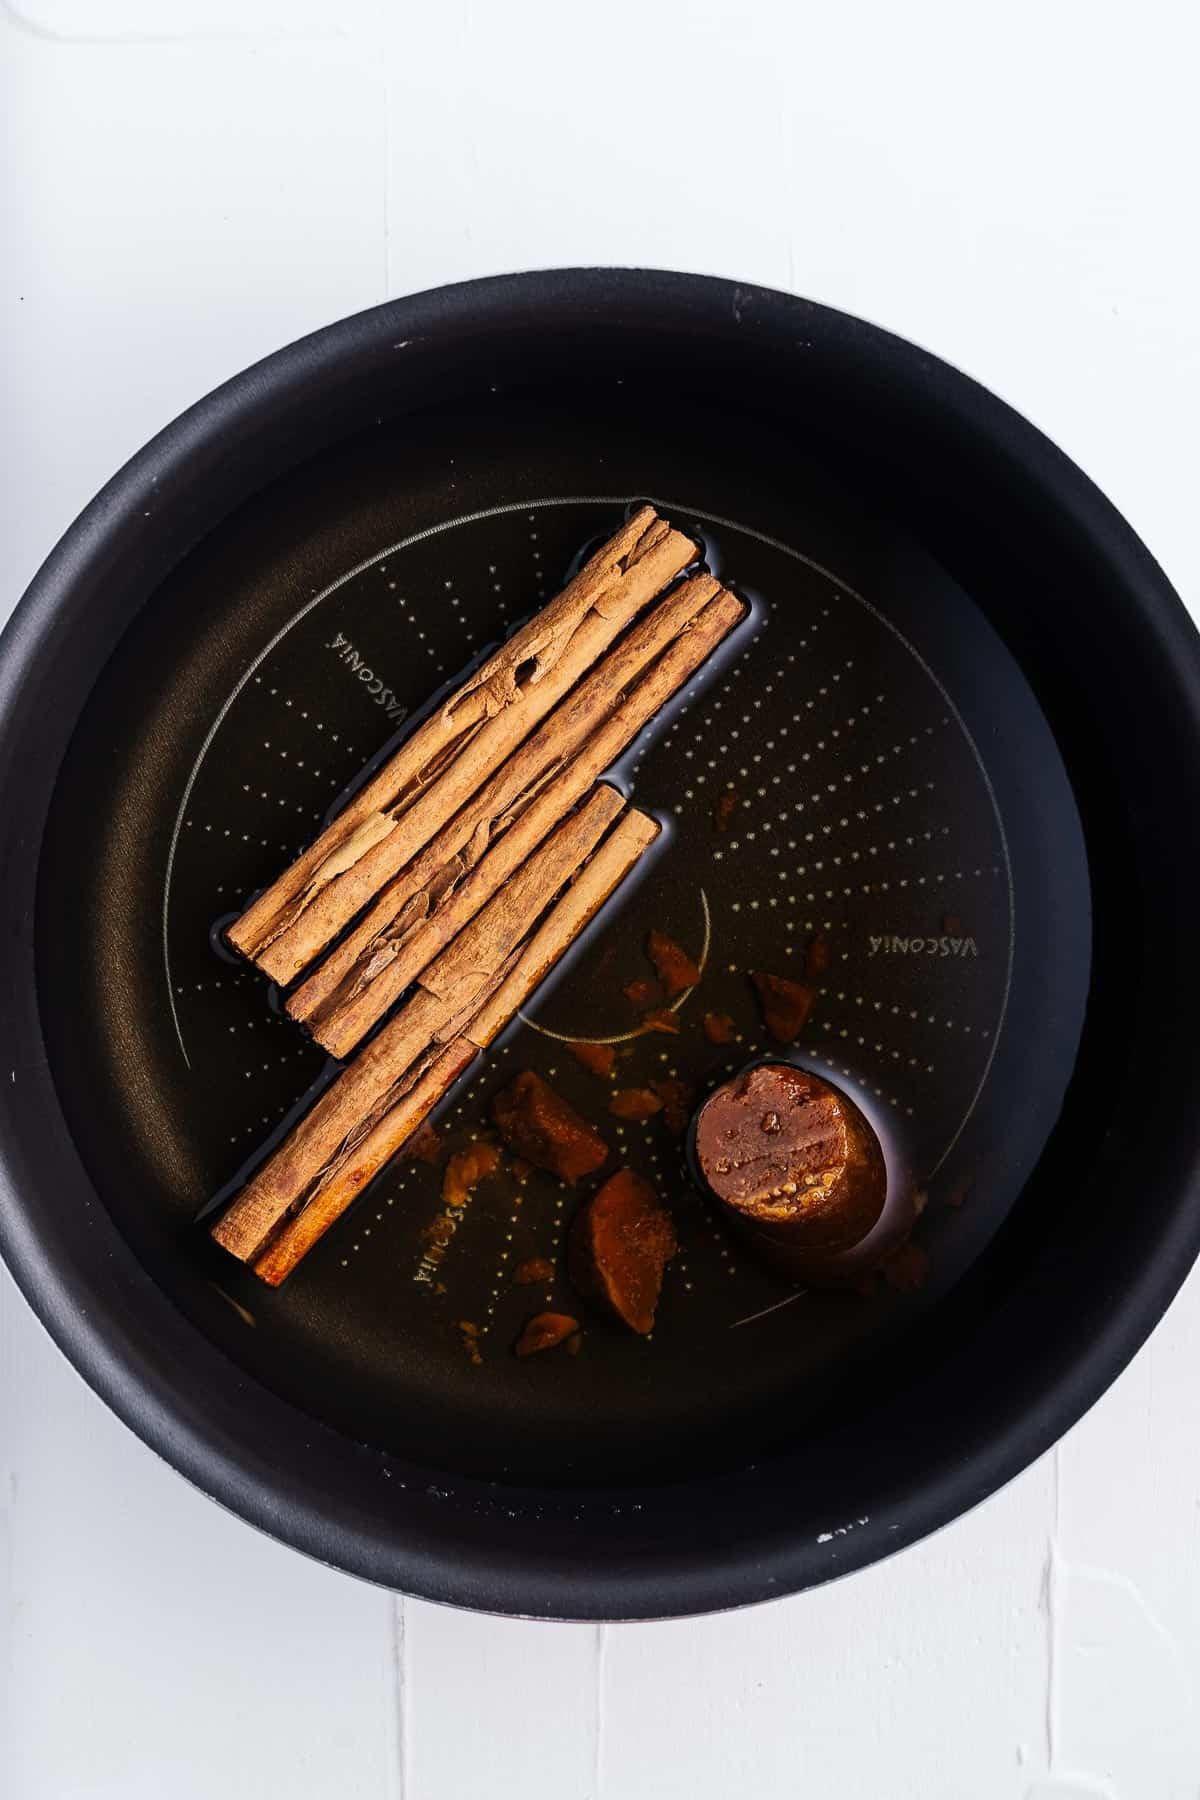 Cinnamon Sticks, Piloncillo, and Water in a Pot